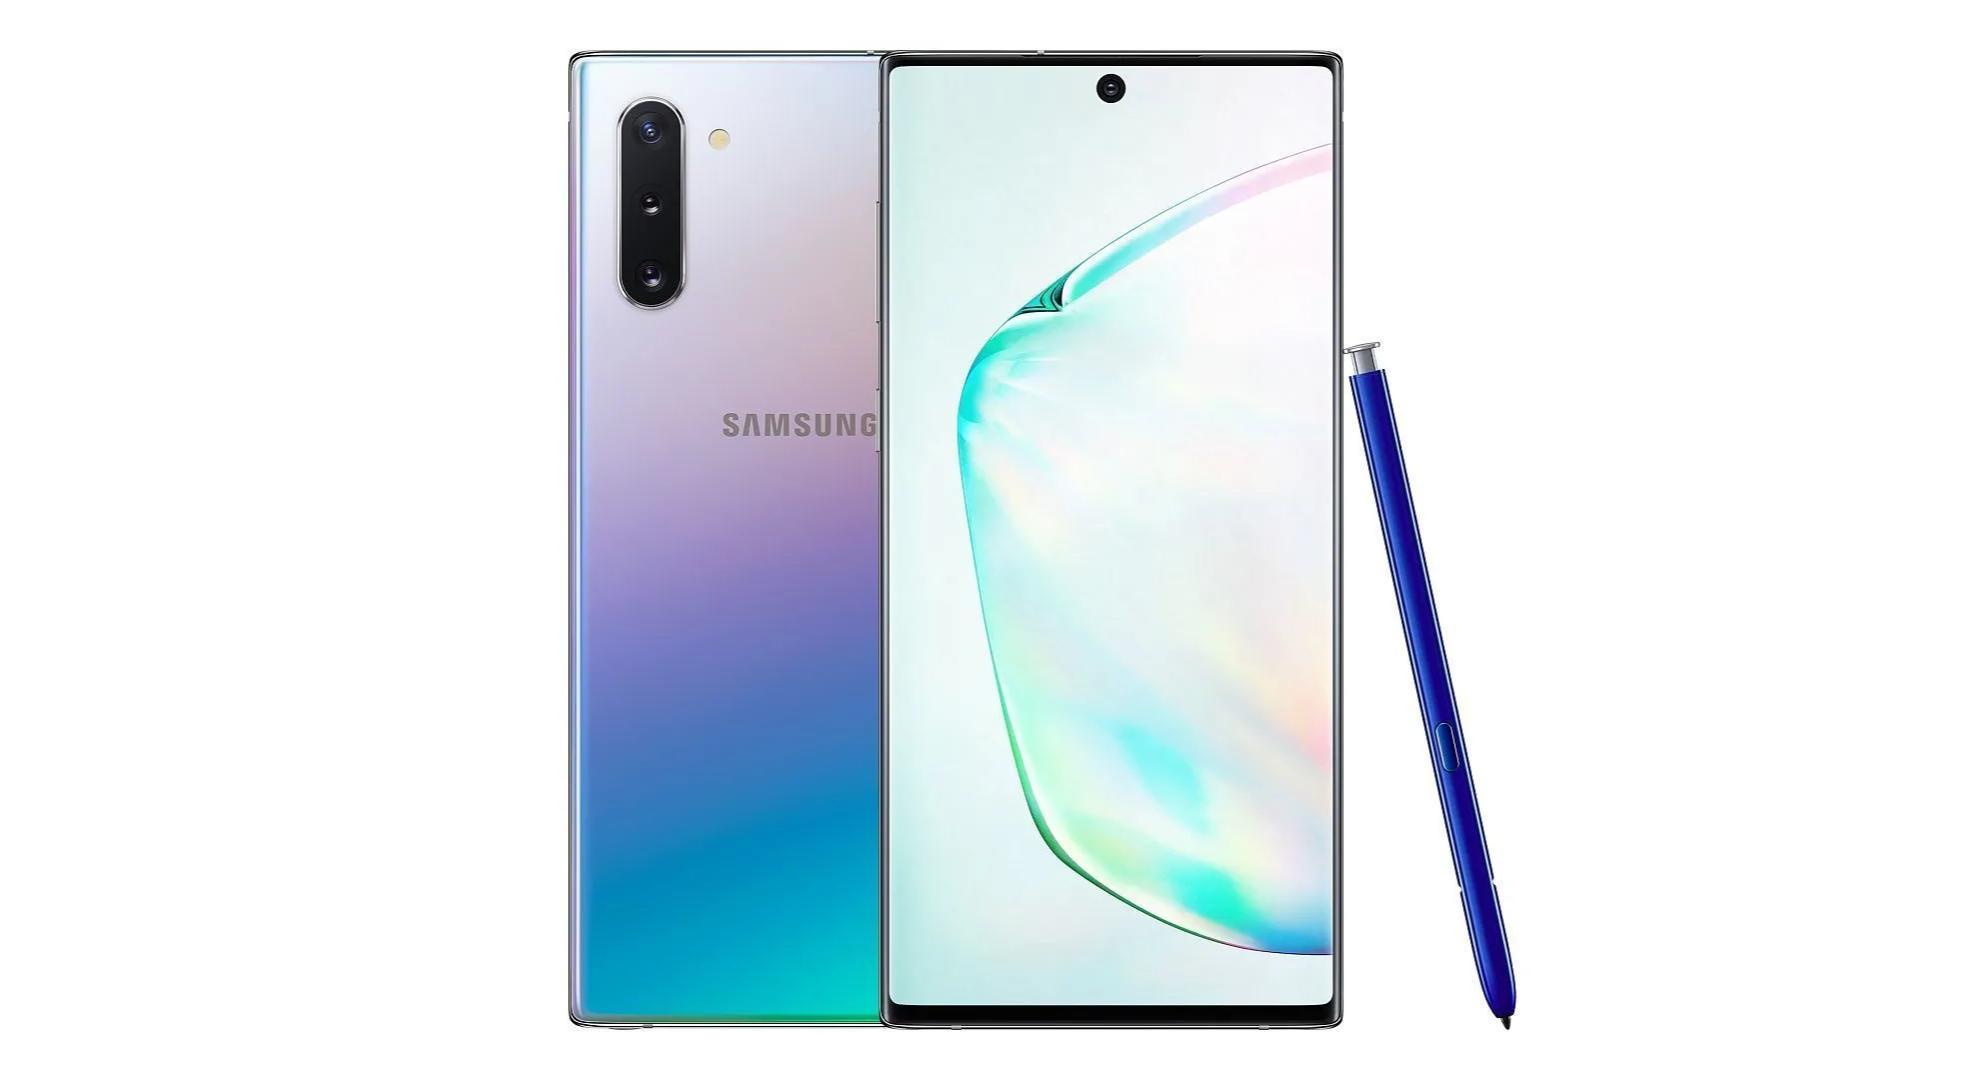 Pourquoi payer 959 euros quand on peut avoir le Samsung Galaxy Note 10 à 735 euros ?